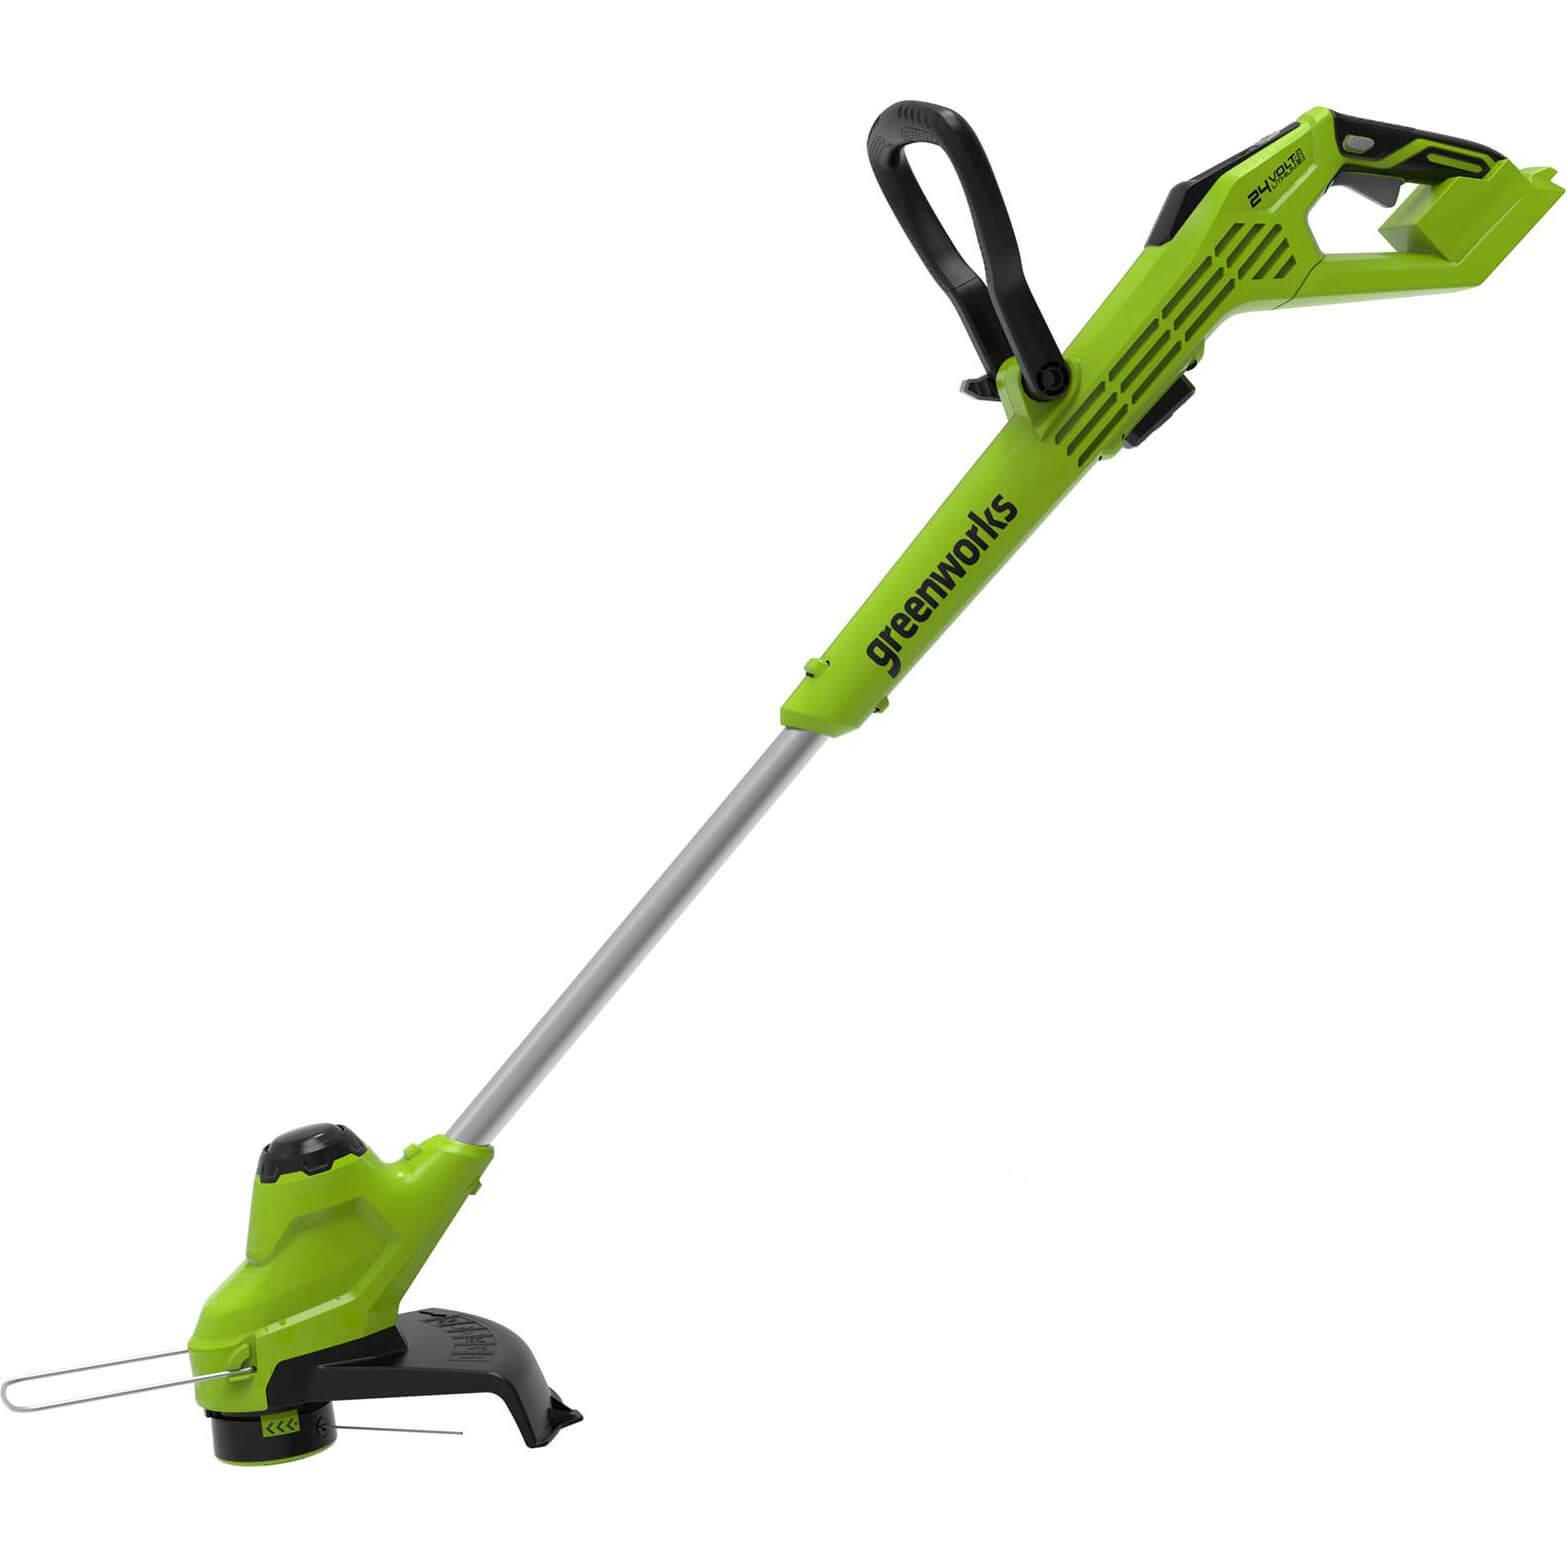 Greenworks G24LT28 24v Cordless Grass Trimmer 300mm No Batteries No Charger